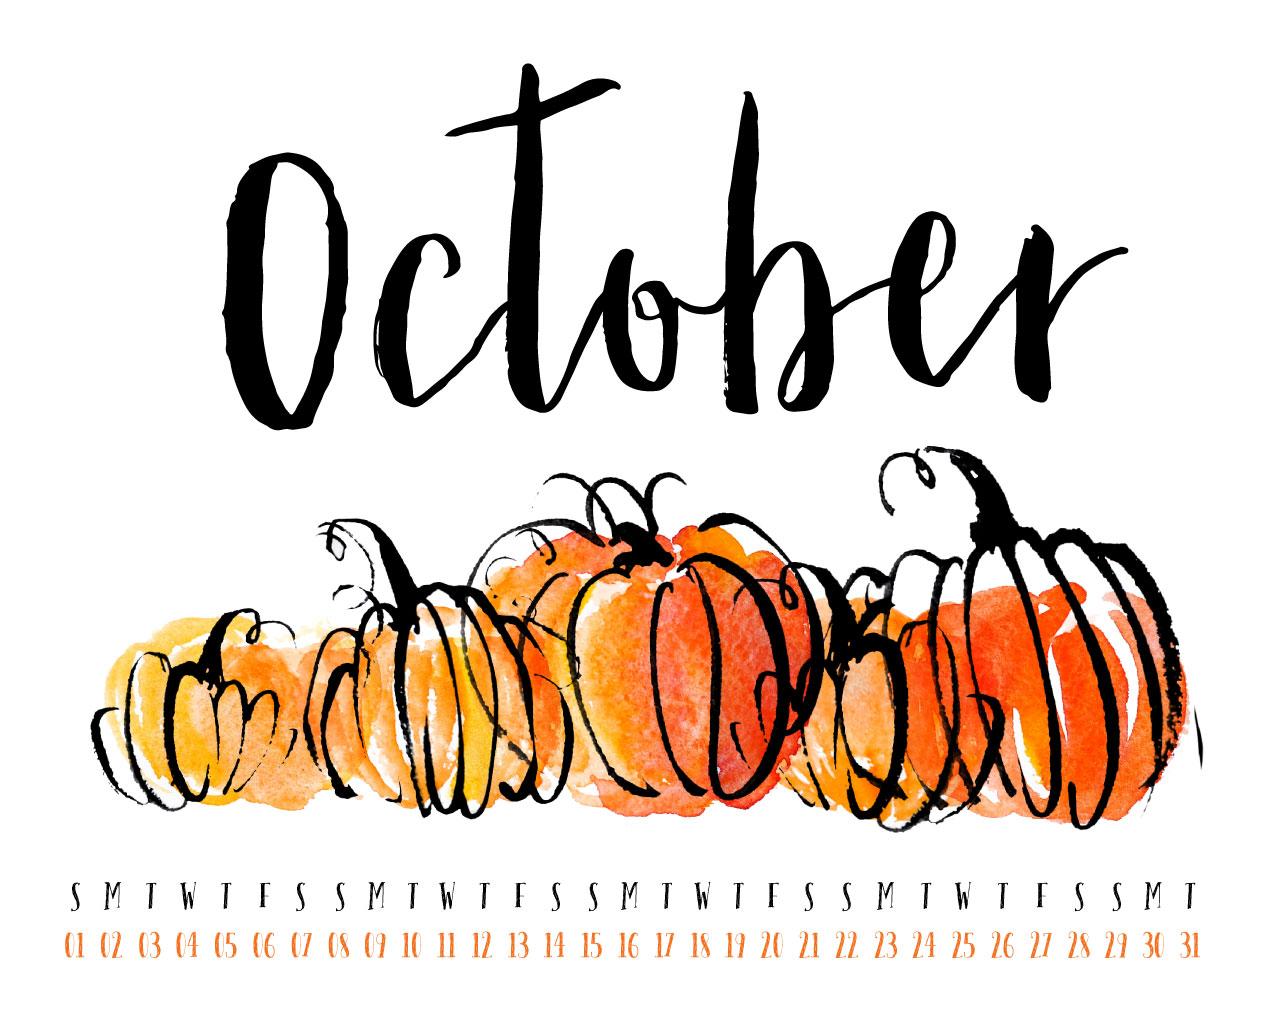 UCD-Oct-2017-Wallpaper-1280x1024.jpg